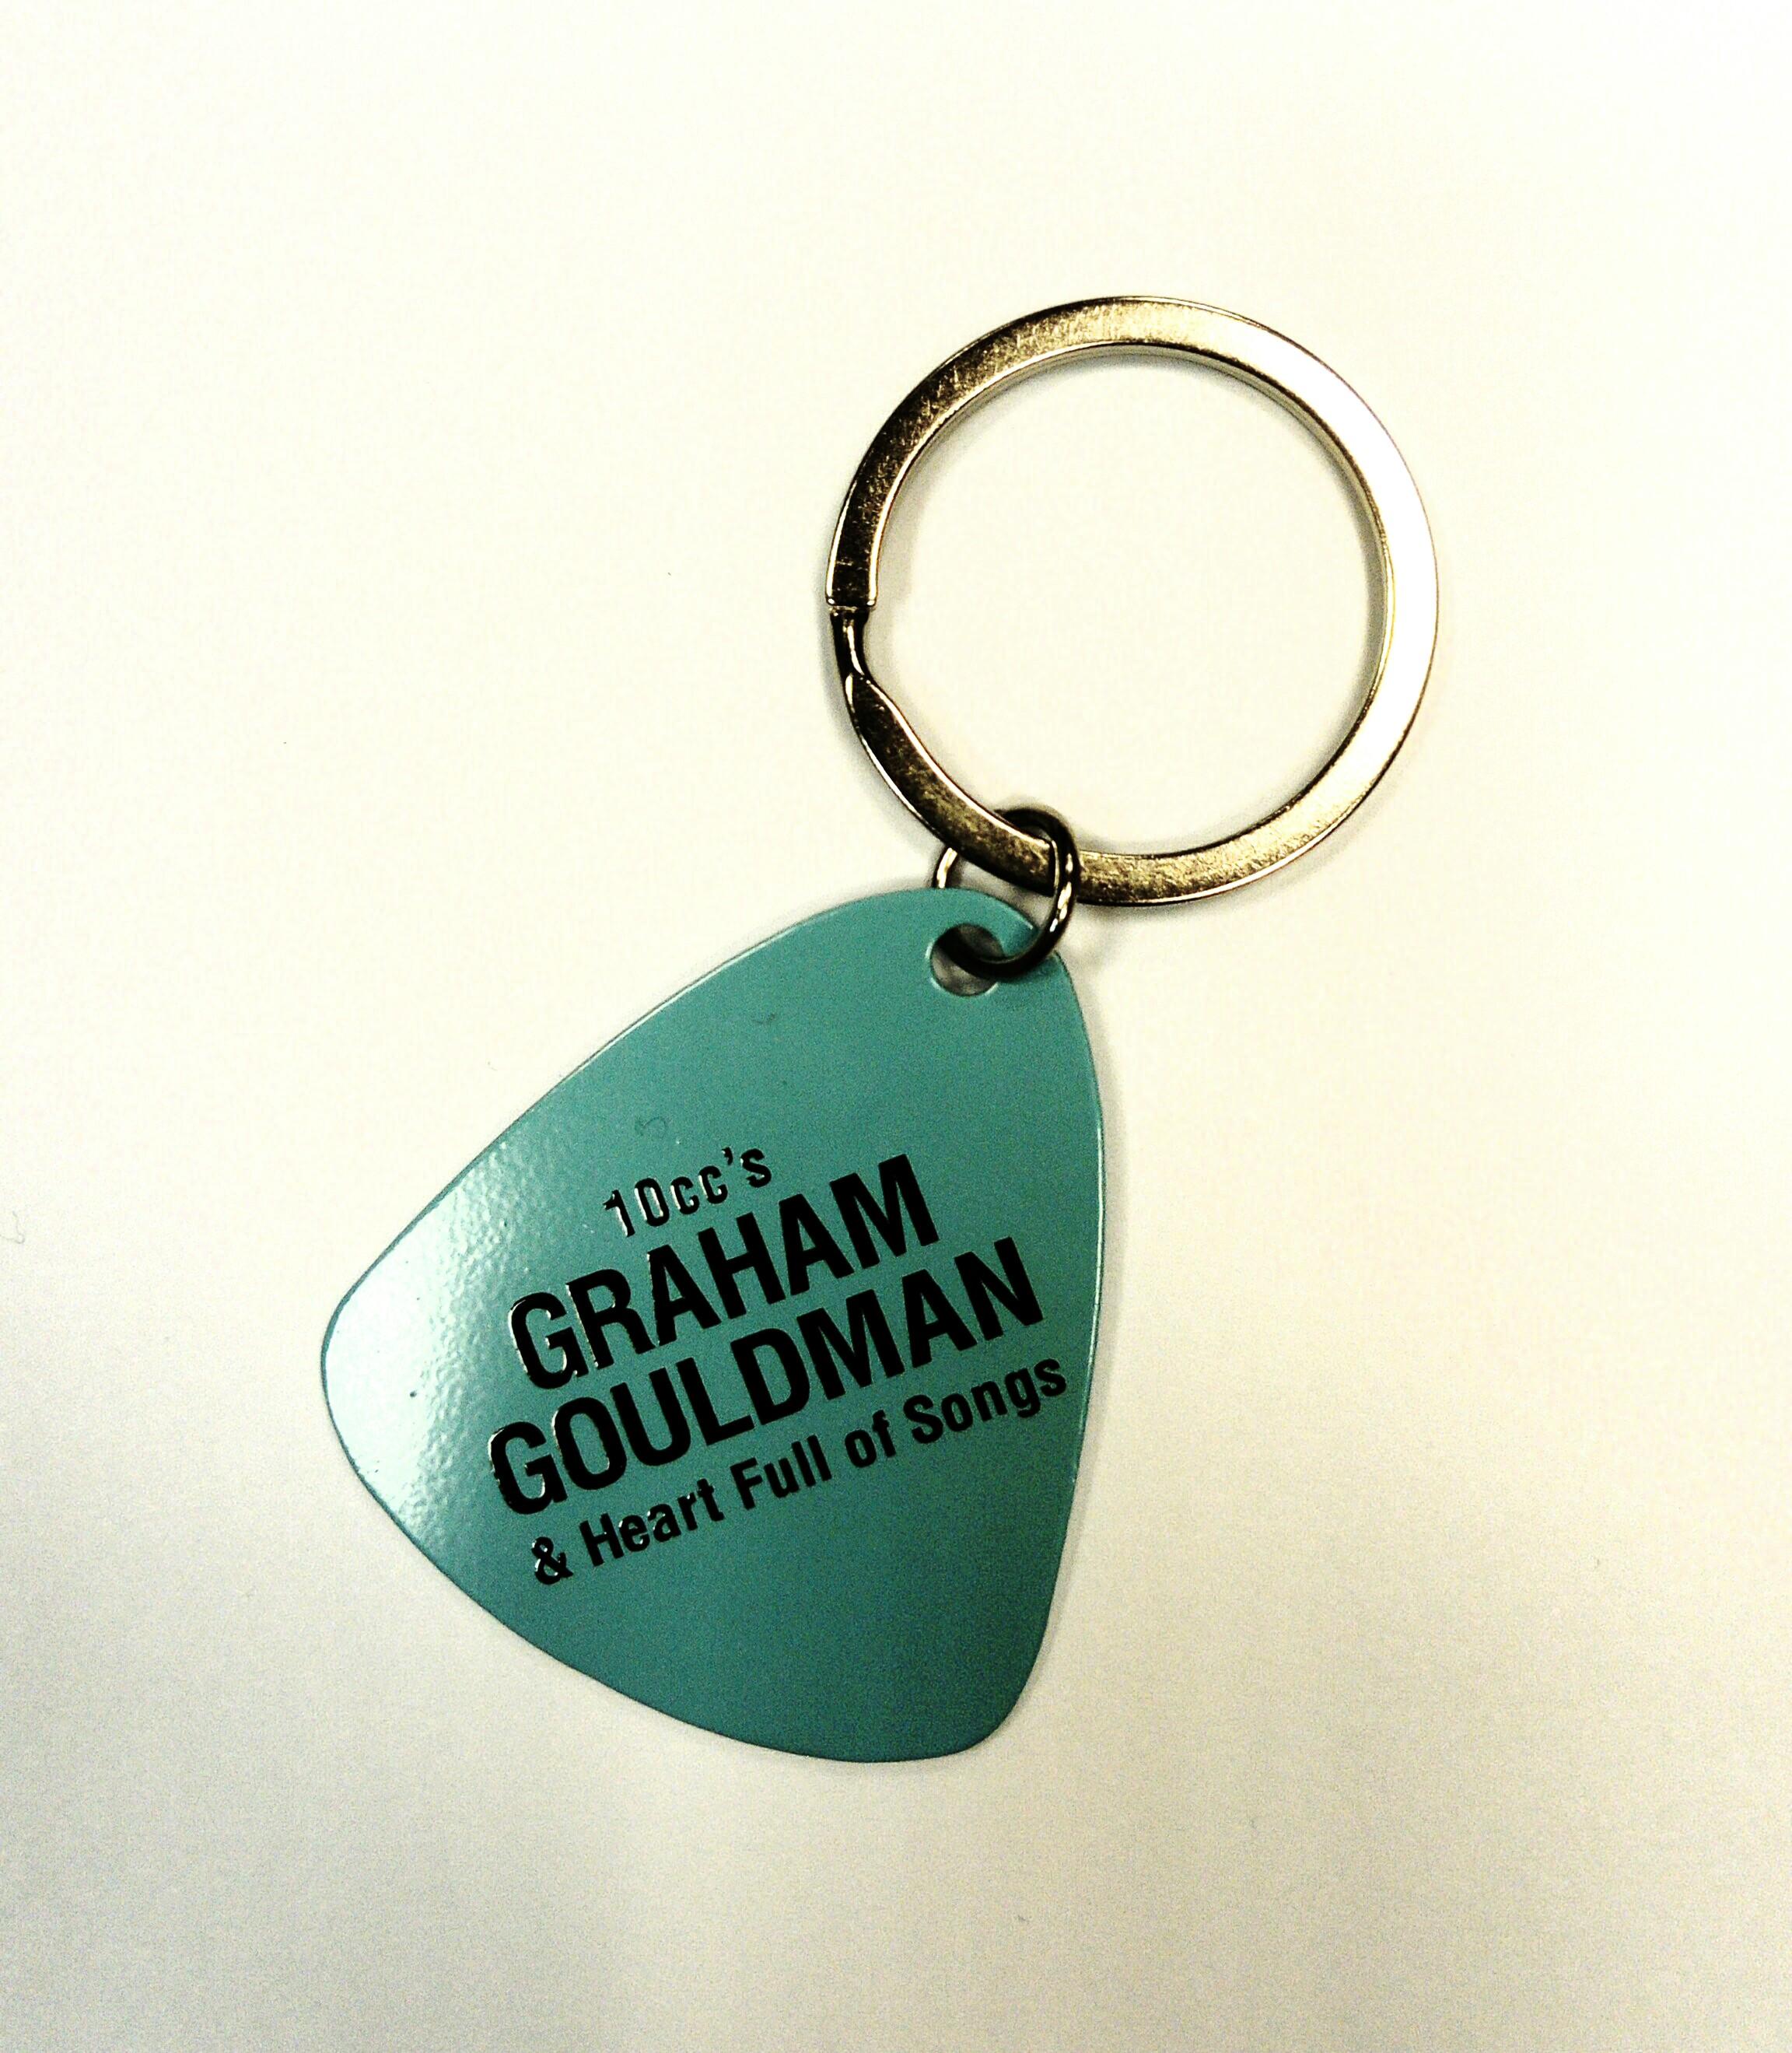 Heart Full Of Songs Keyring - Graham Gouldman